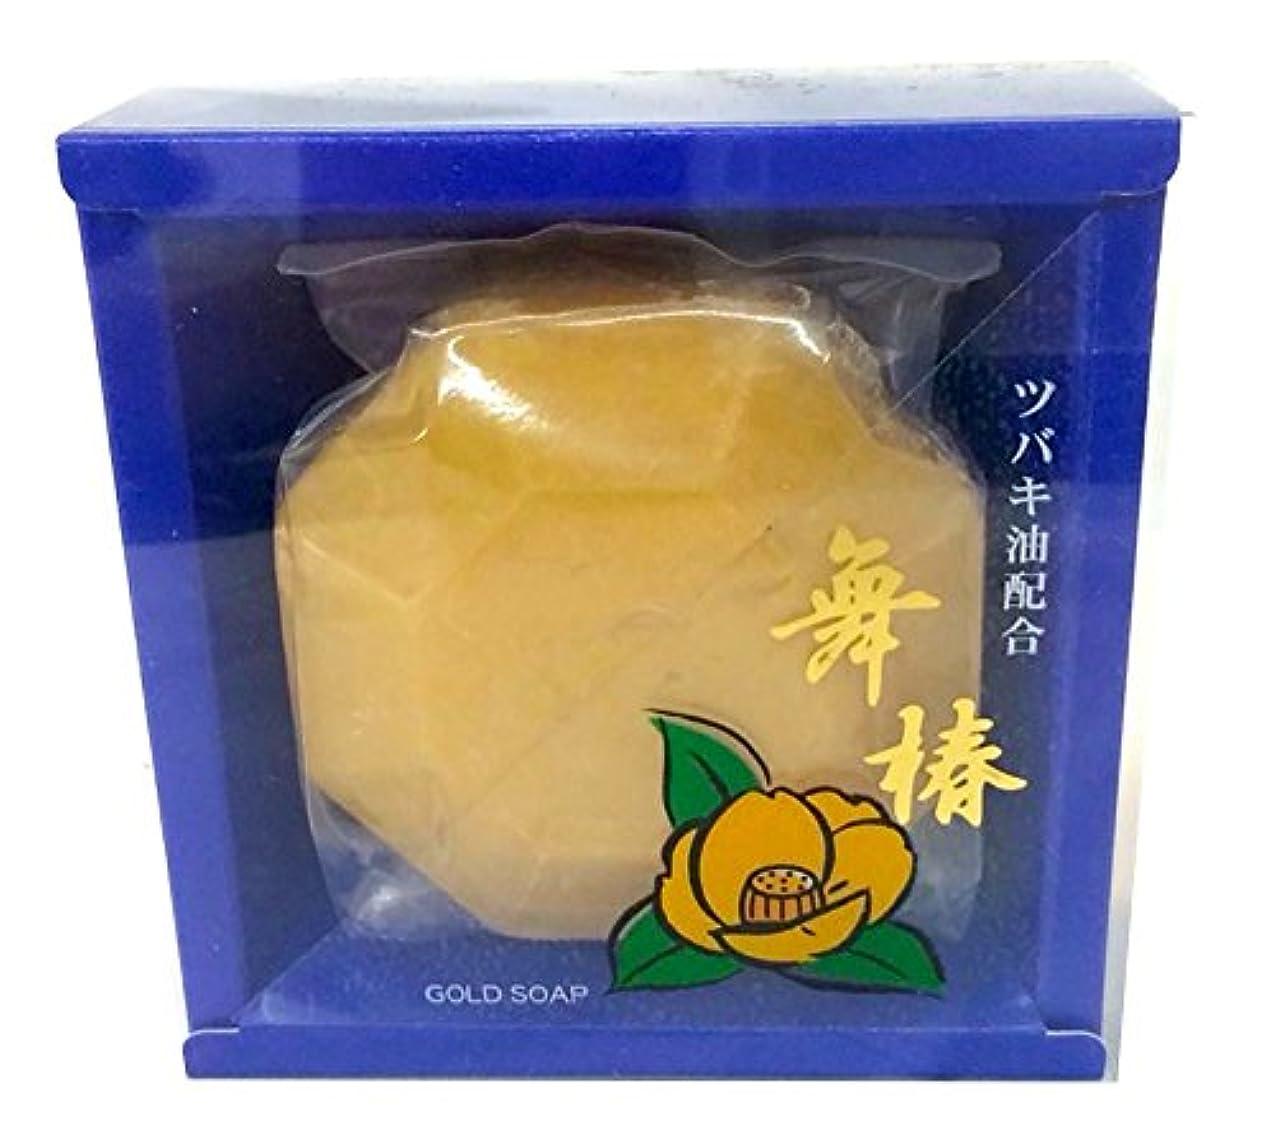 メンテナンス多用途潮舞椿ゴールドソープ (ツバキオイル配合)110g